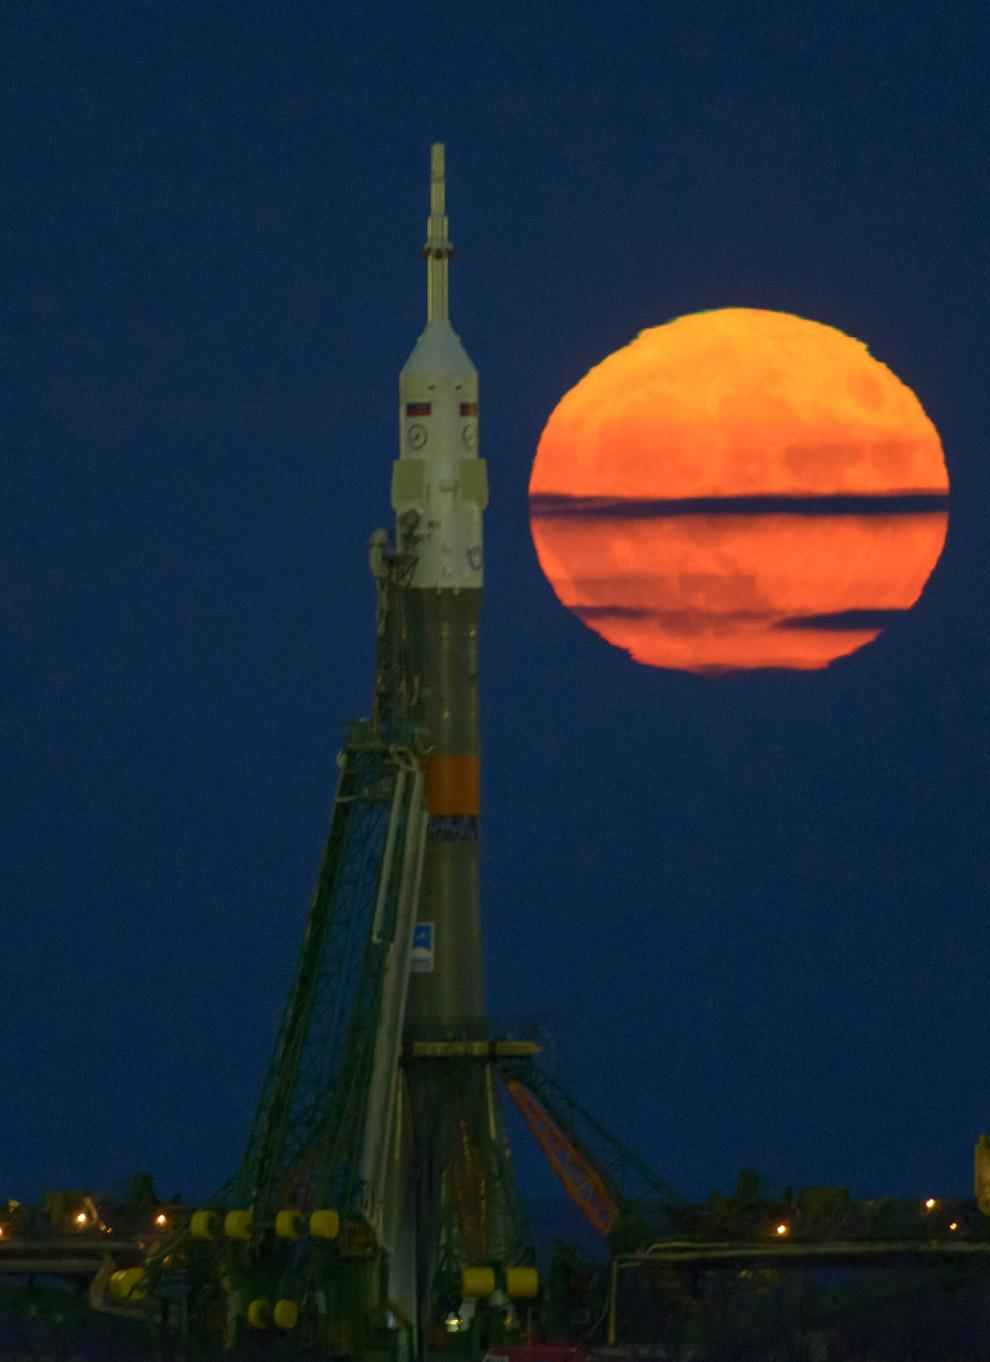 9. На Байконуре есть традиция — освещение ракеты. Видимо считается, что без этого не полетит, 1